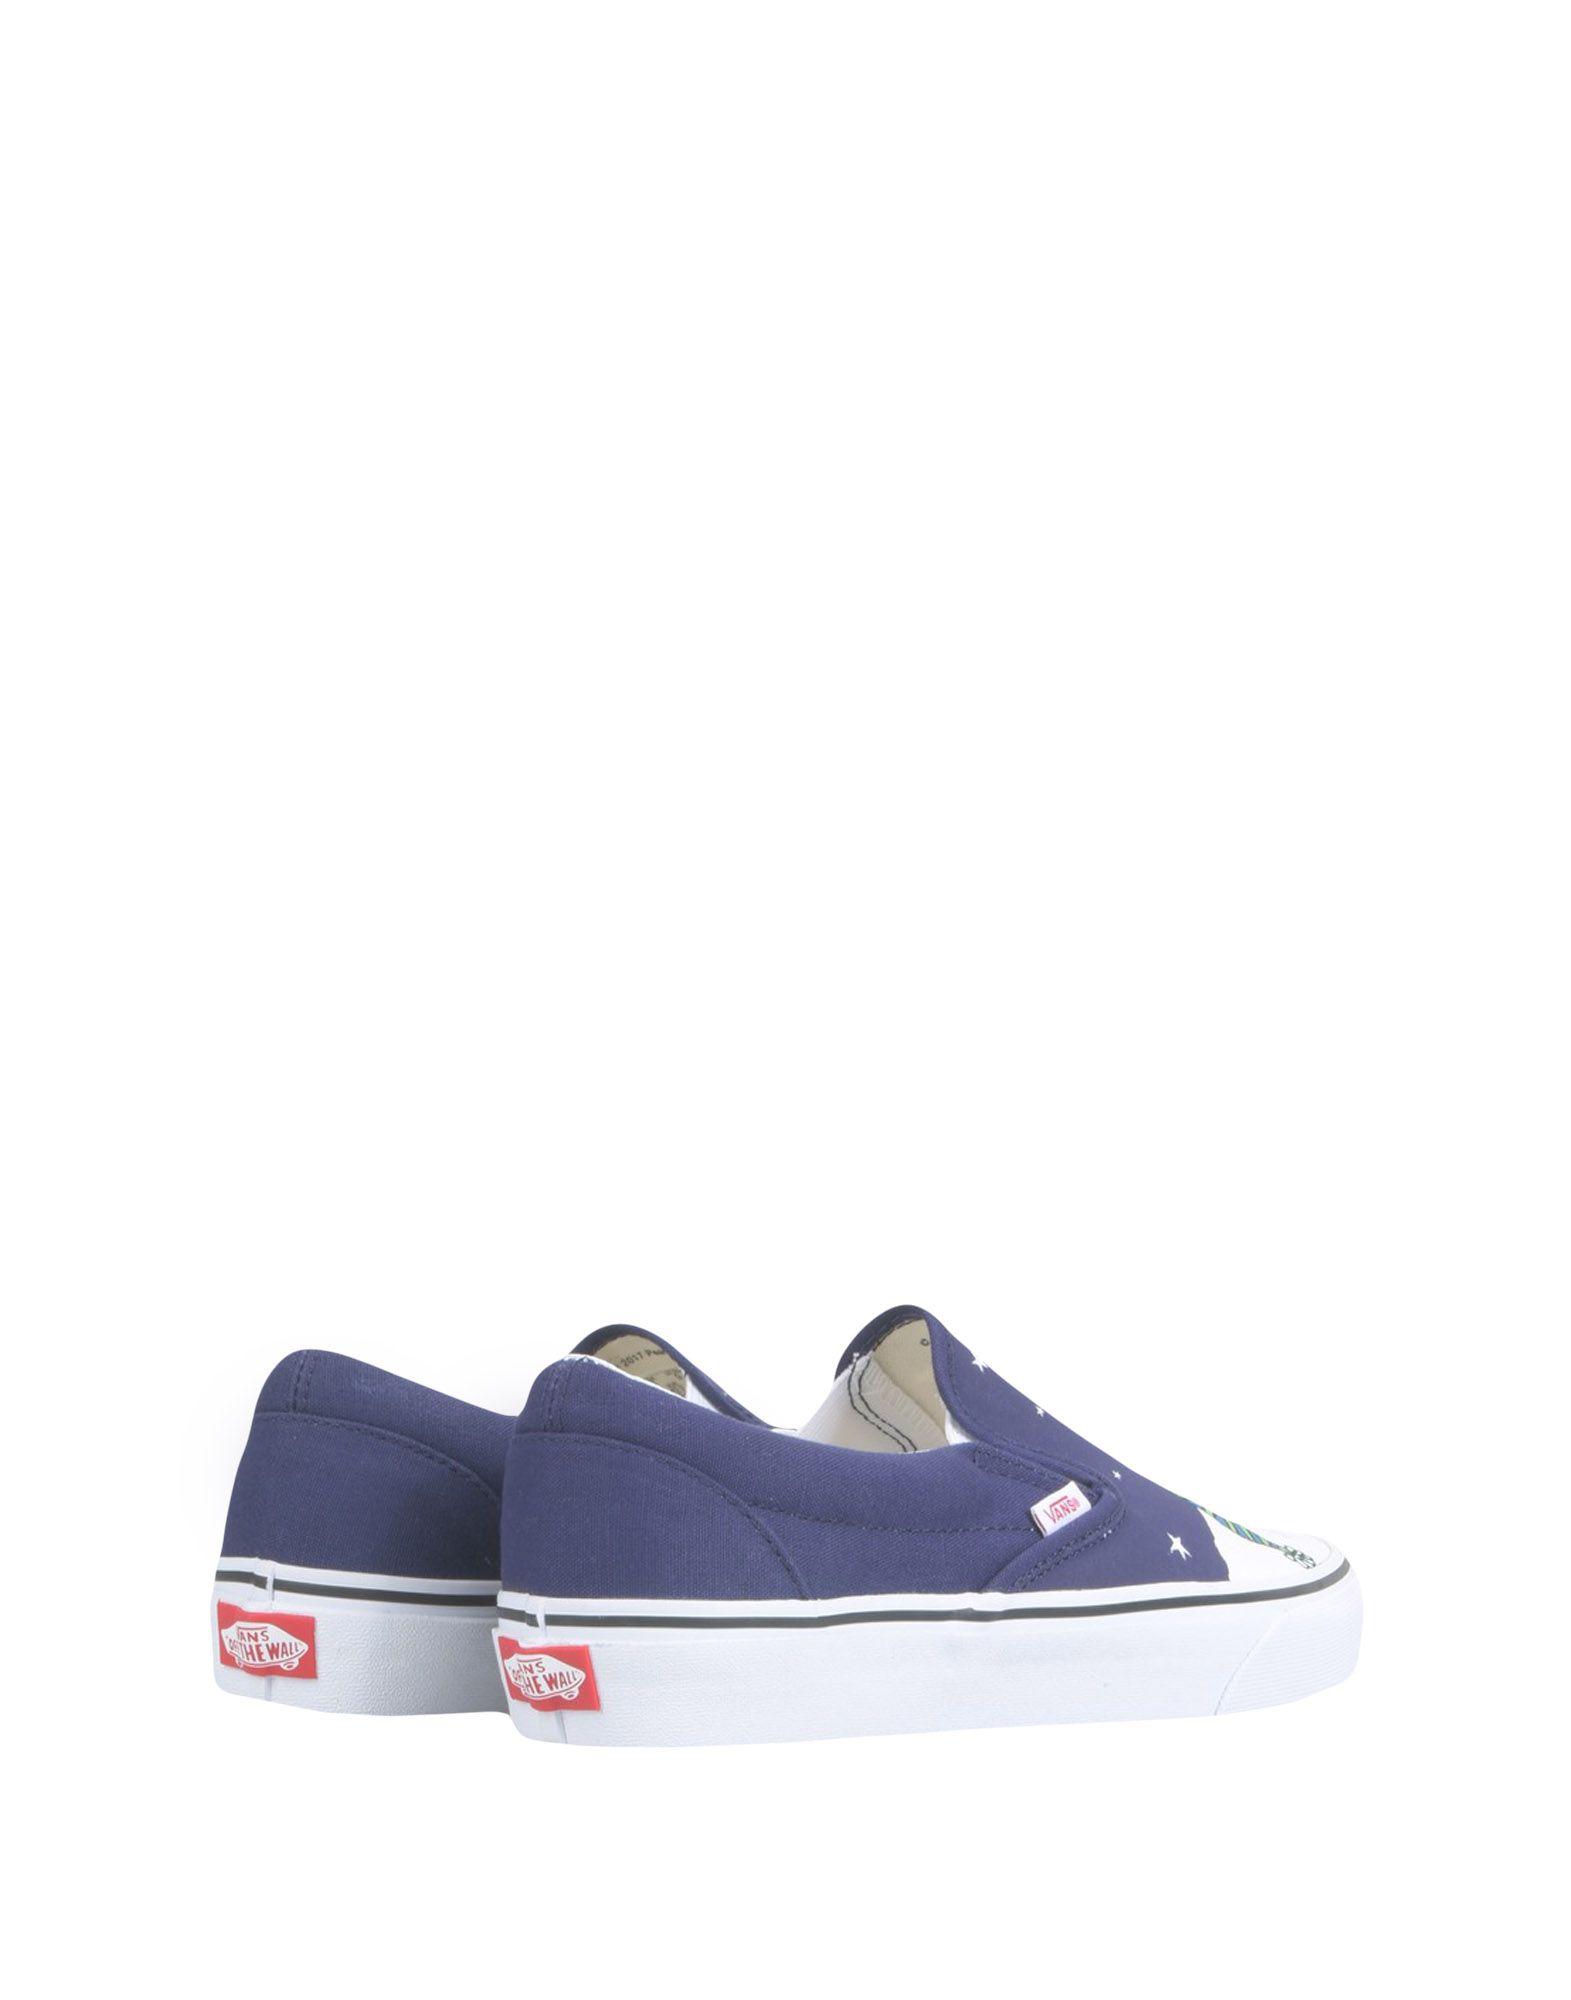 Sneakers Vans Ua Classic Slip-On Peanuts - Femme - Sneakers Vans sur